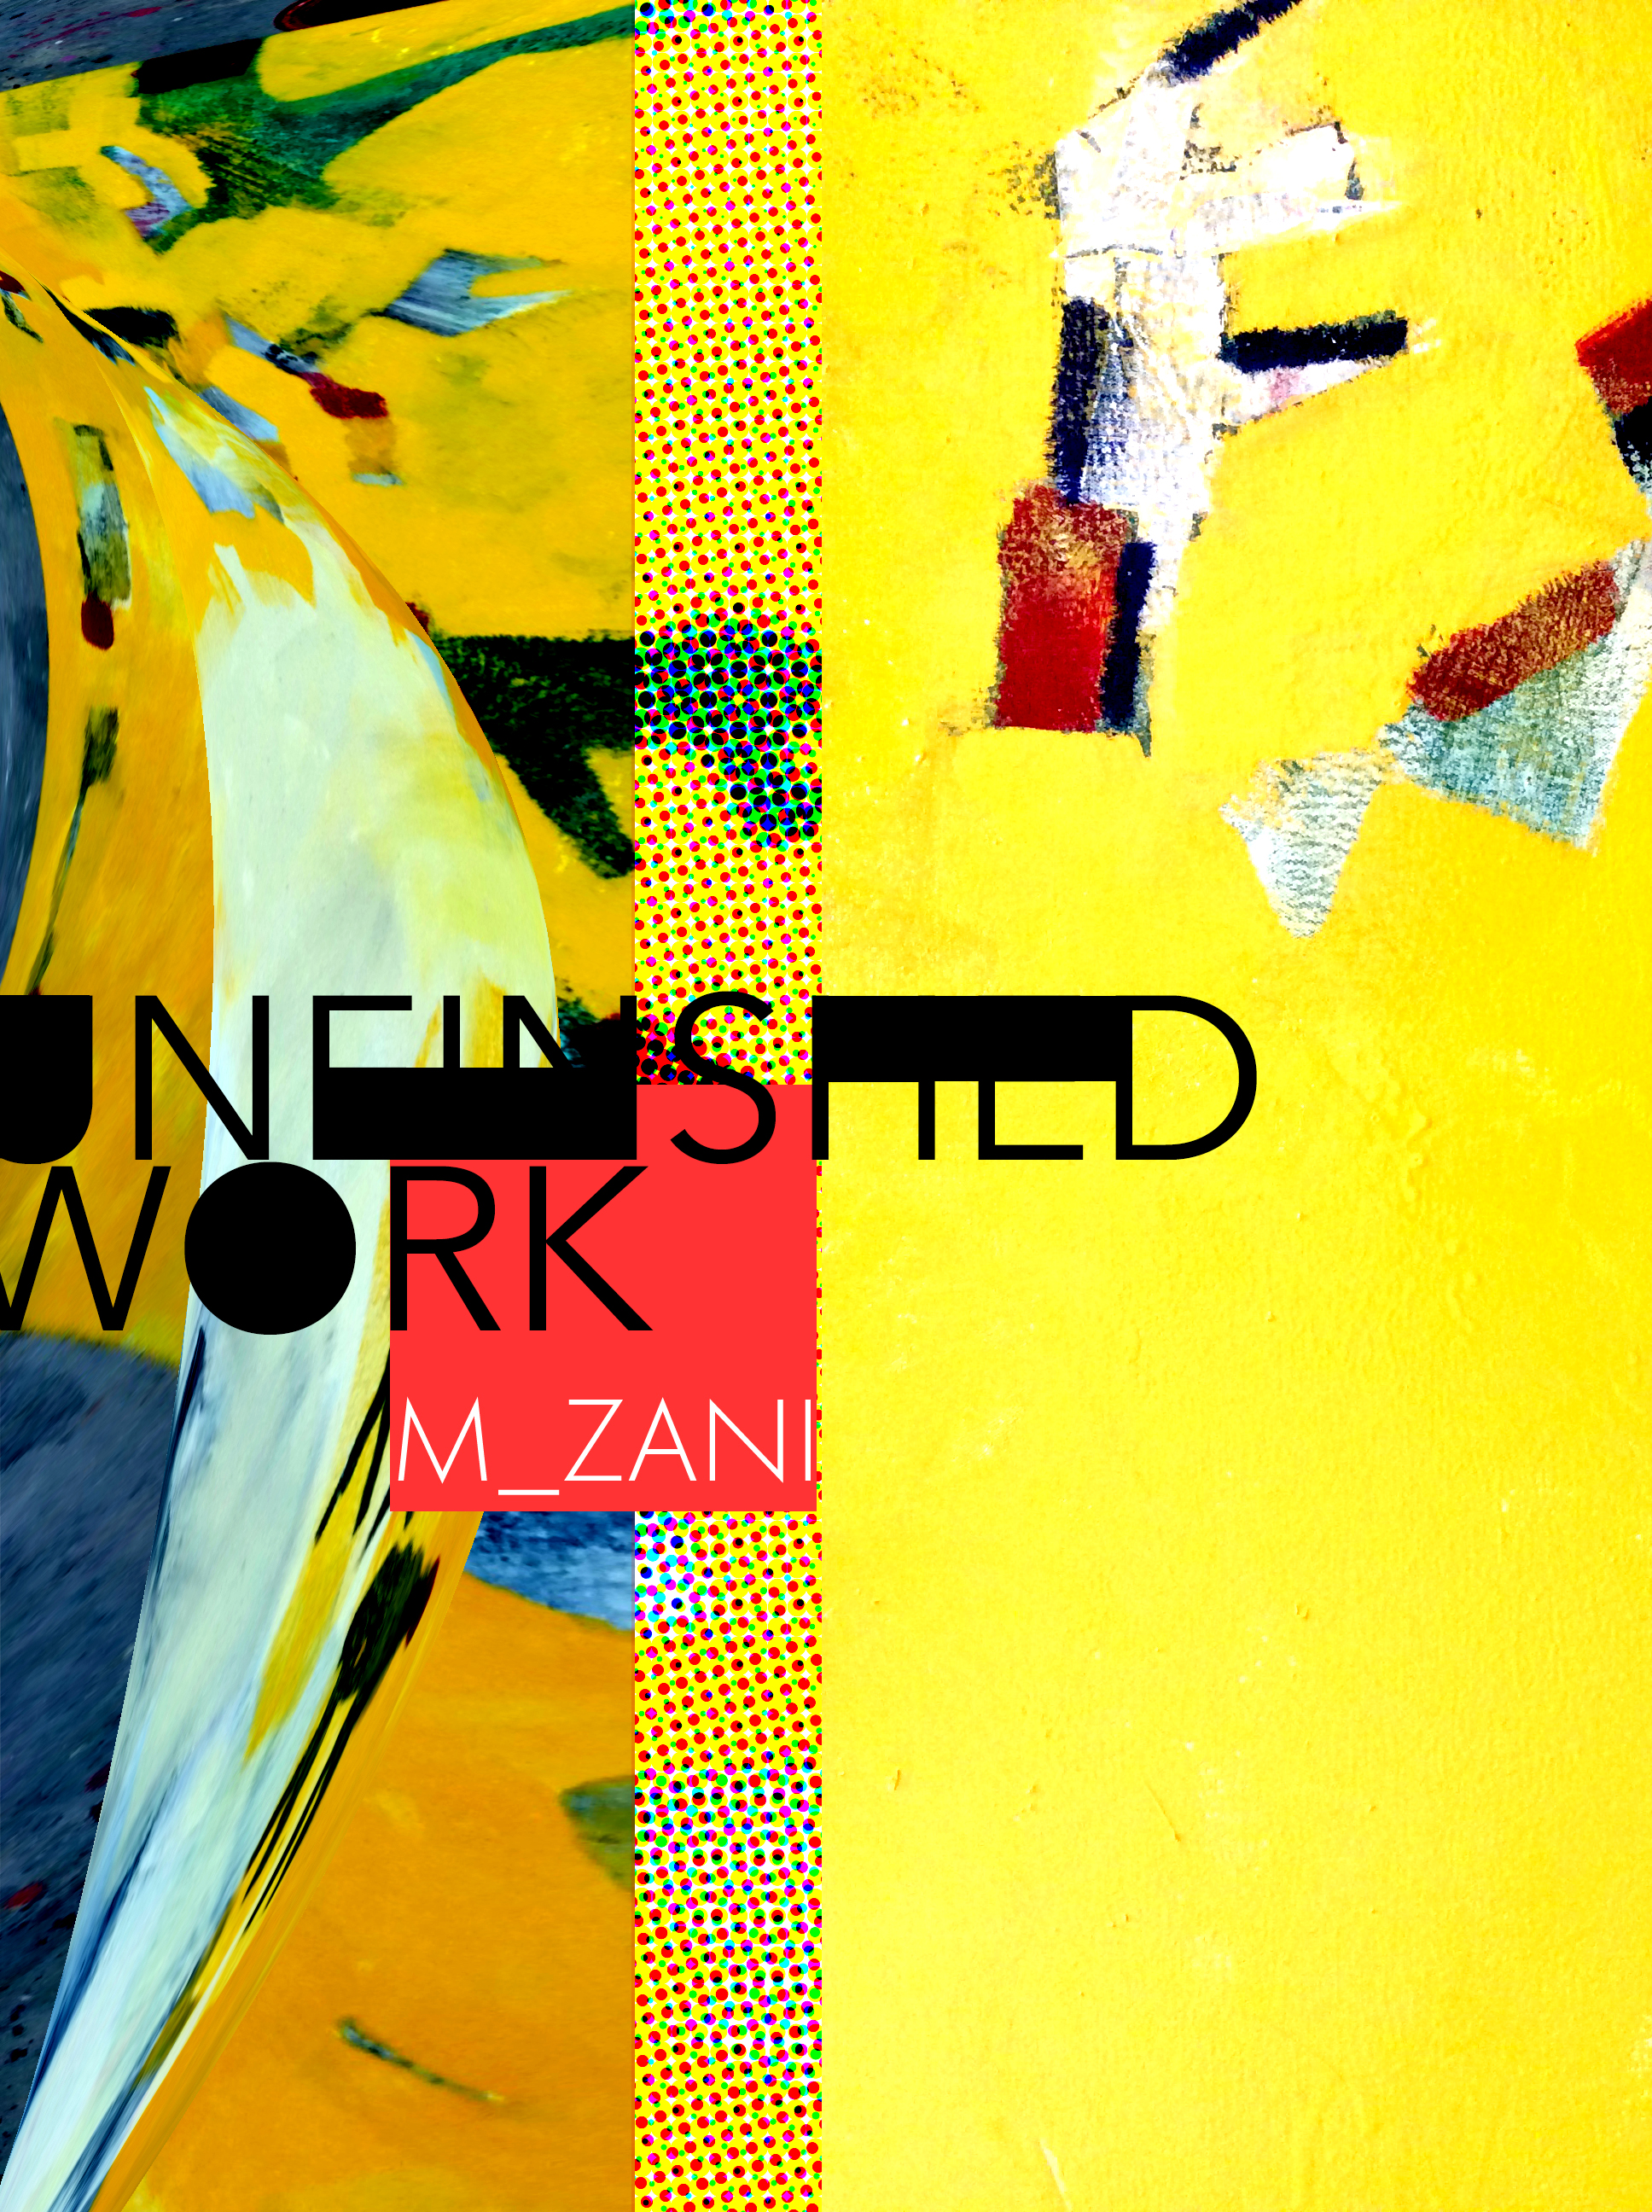 UnfinshedWork_02.jpg